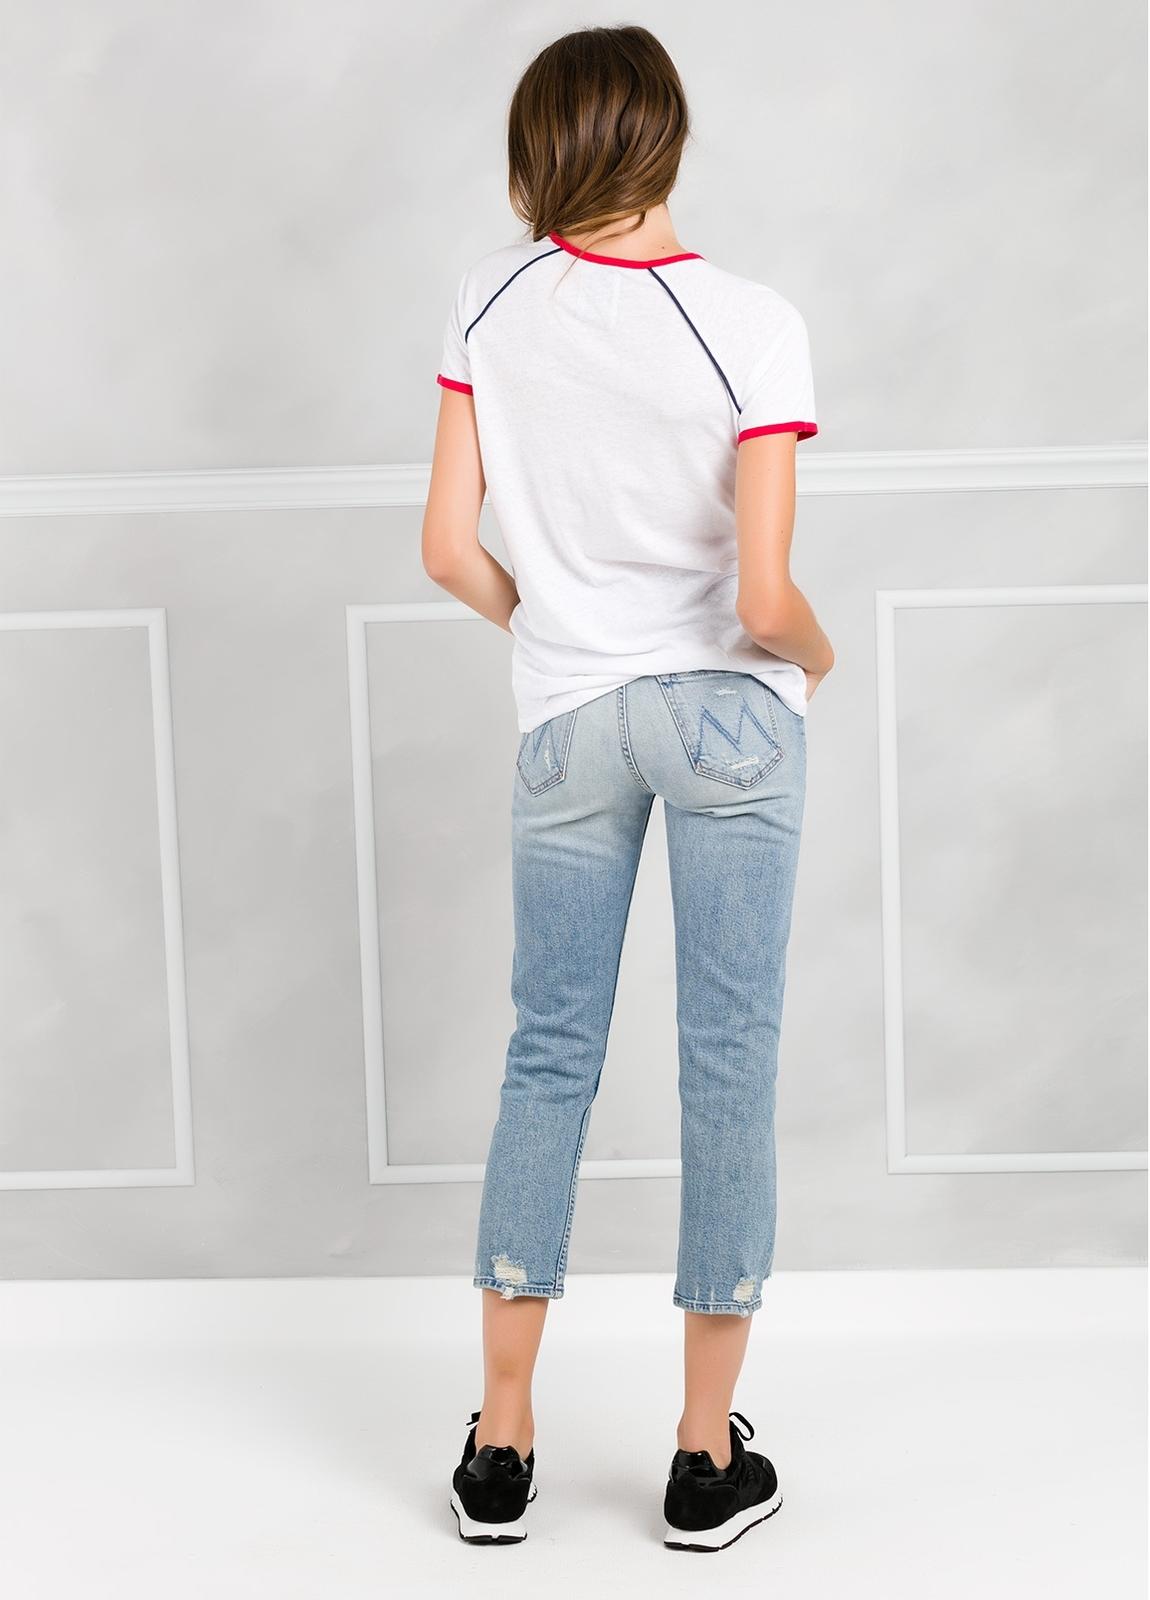 Camiseta manga corta color blanco con motivo gráfico. - Ítem1